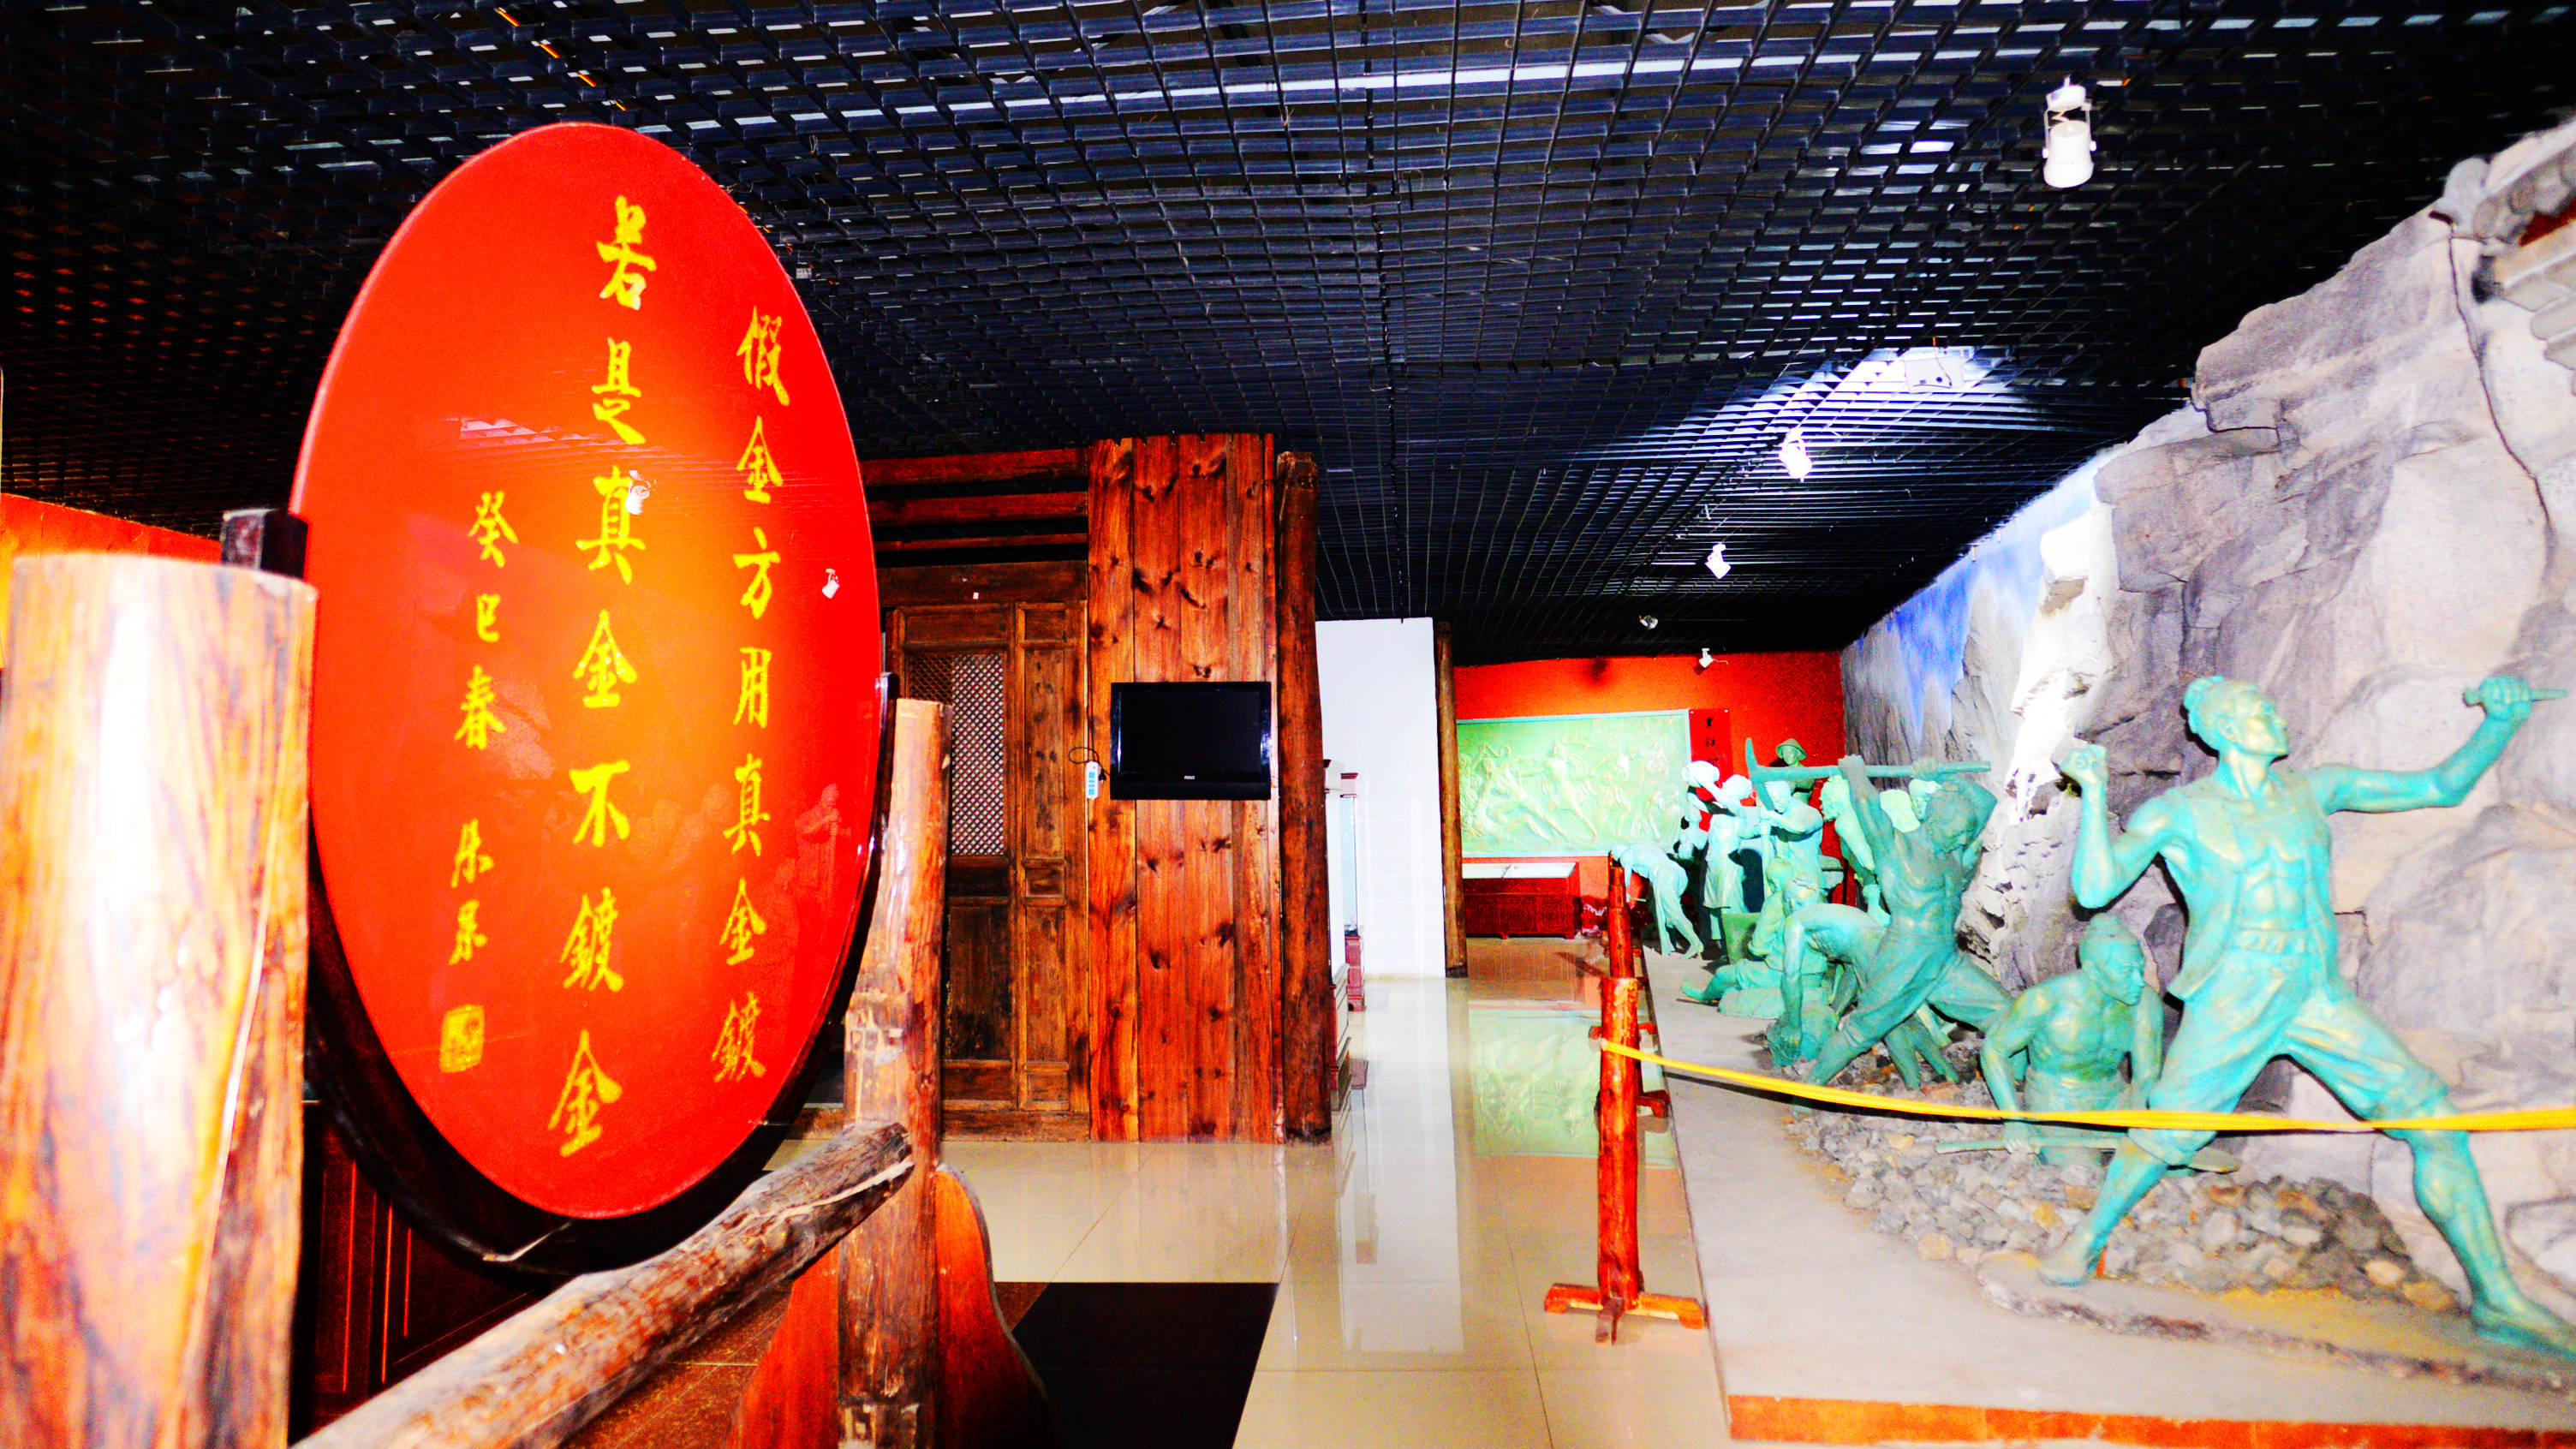 曲阳虎山风景区图片_虎山风景区黄金博览馆-搜狐大视野-搜狐新闻